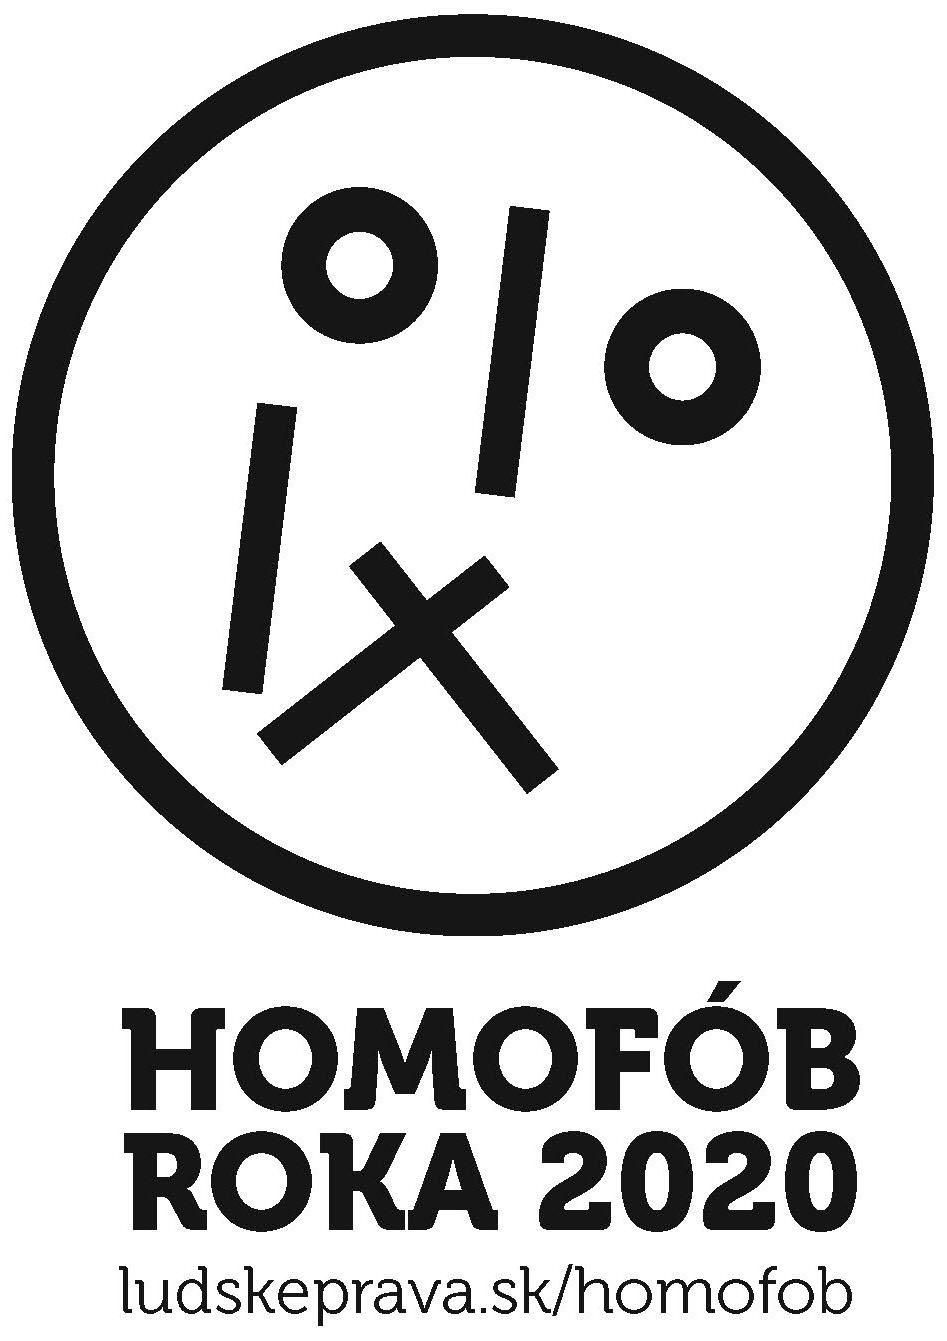 Homofob roka 2020 logo